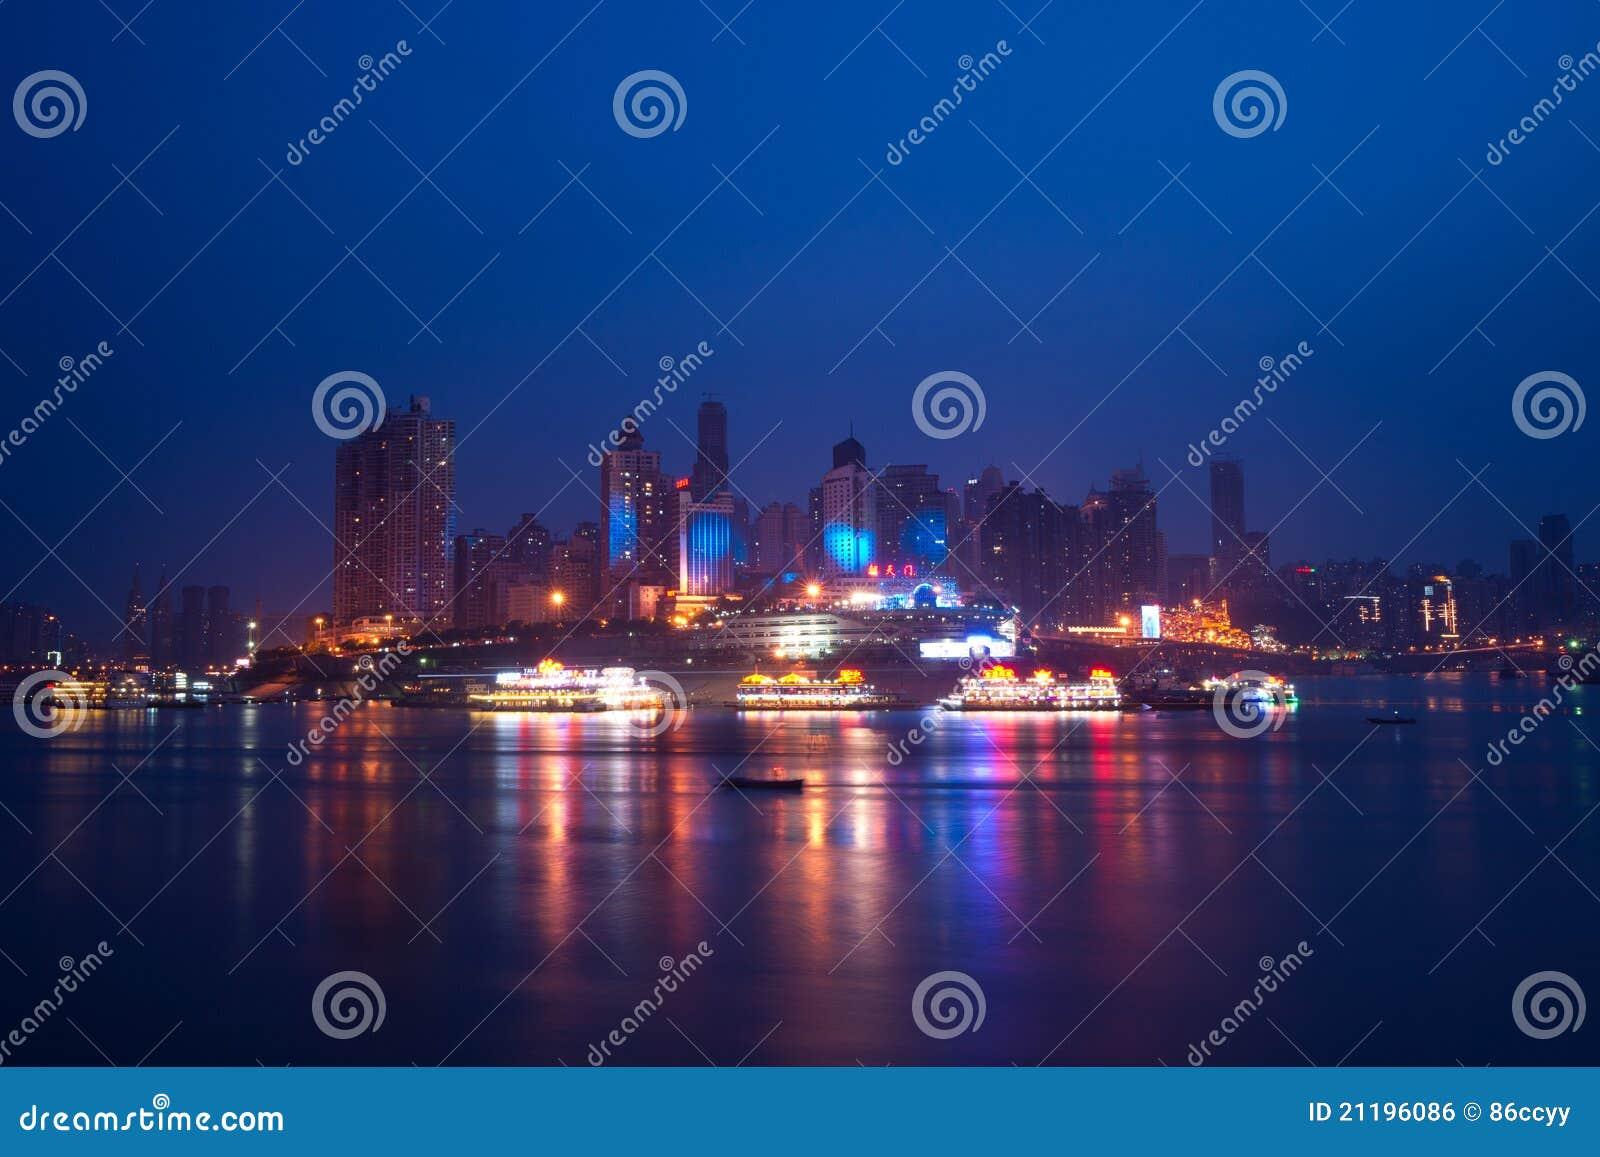 Night view of city, chongqing, china